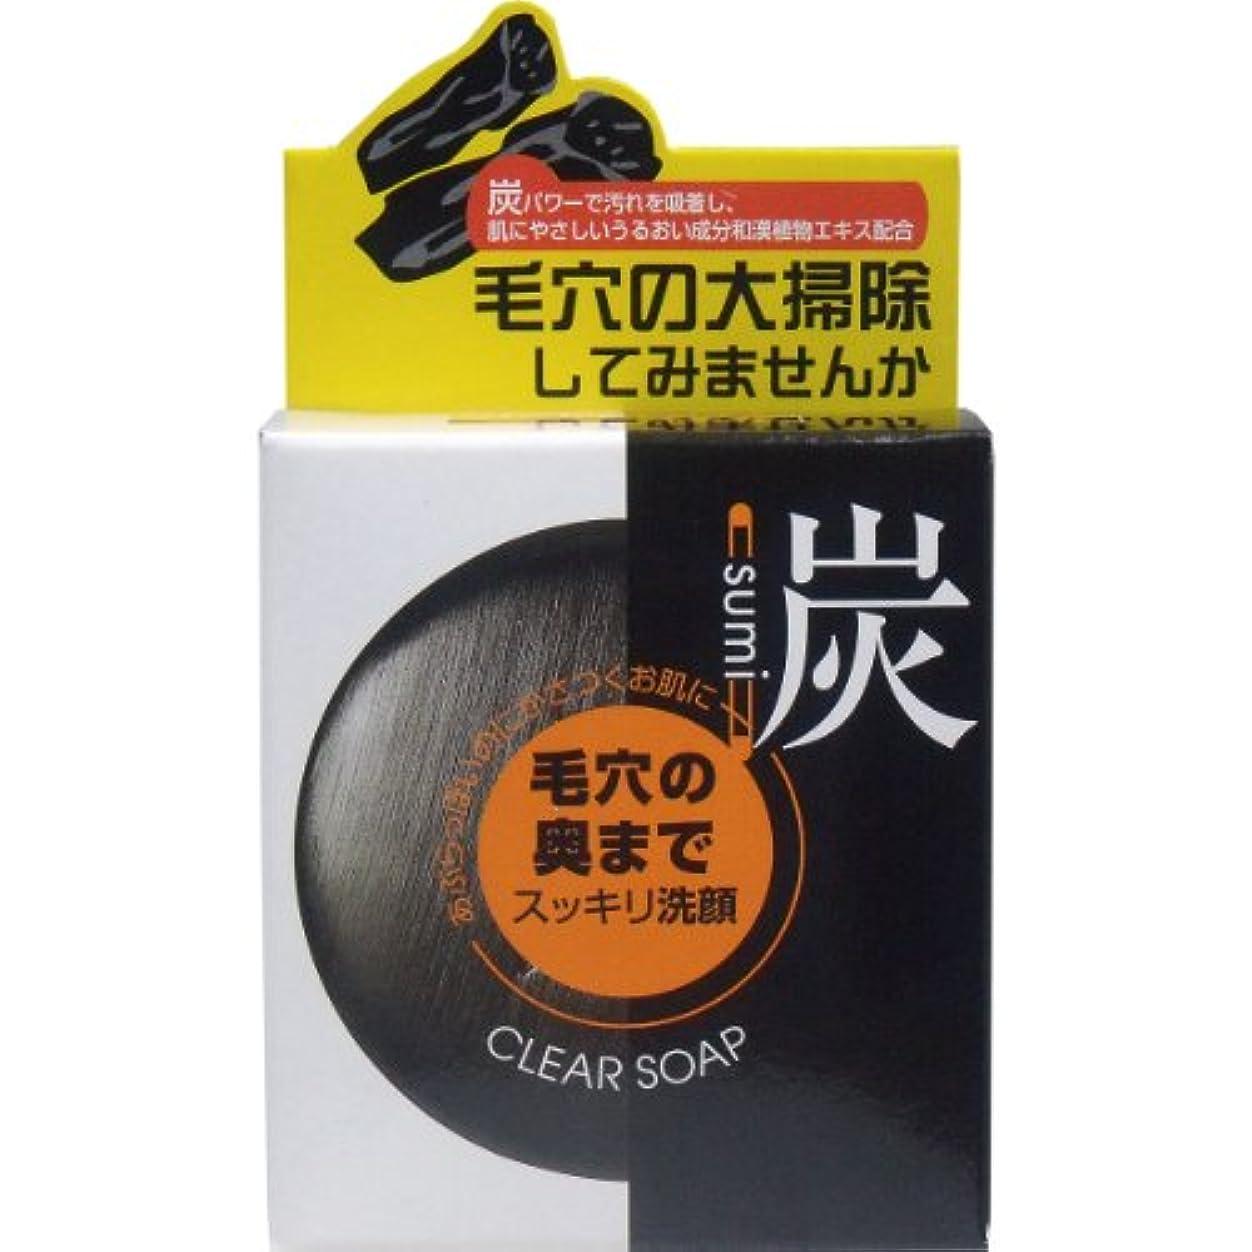 熱望する拍車余韻【まとめ買い】ユゼ 炭透明石けん ×2セット